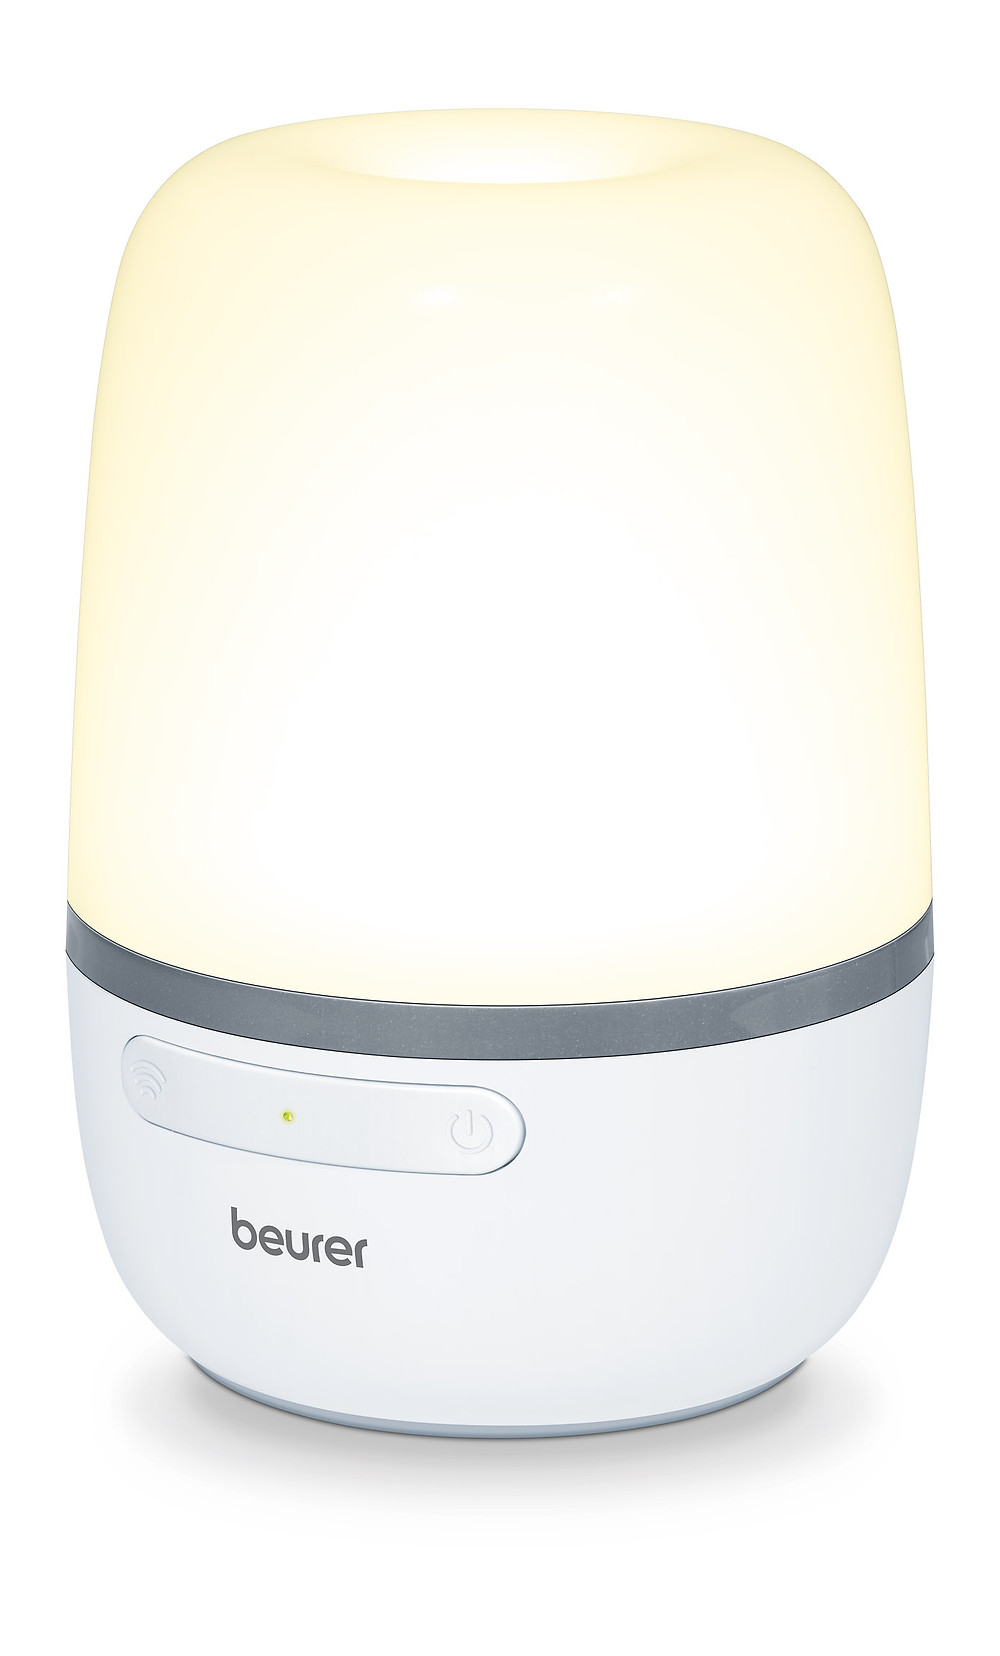 Beurer MoodBliss Smart Mood Light